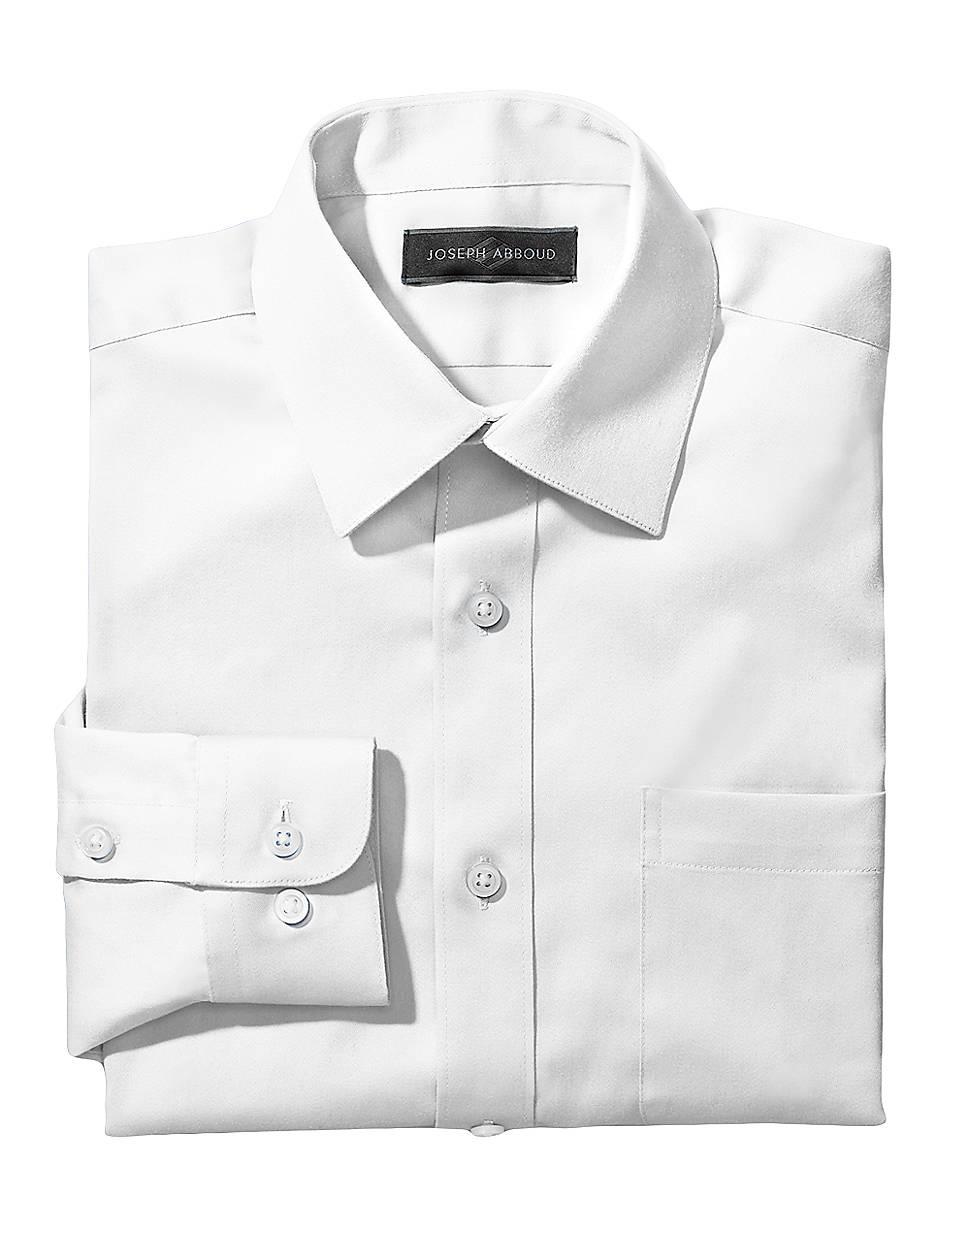 Joseph abboud 820 dress shirt in white for men lyst for Joseph abboud dress shirt